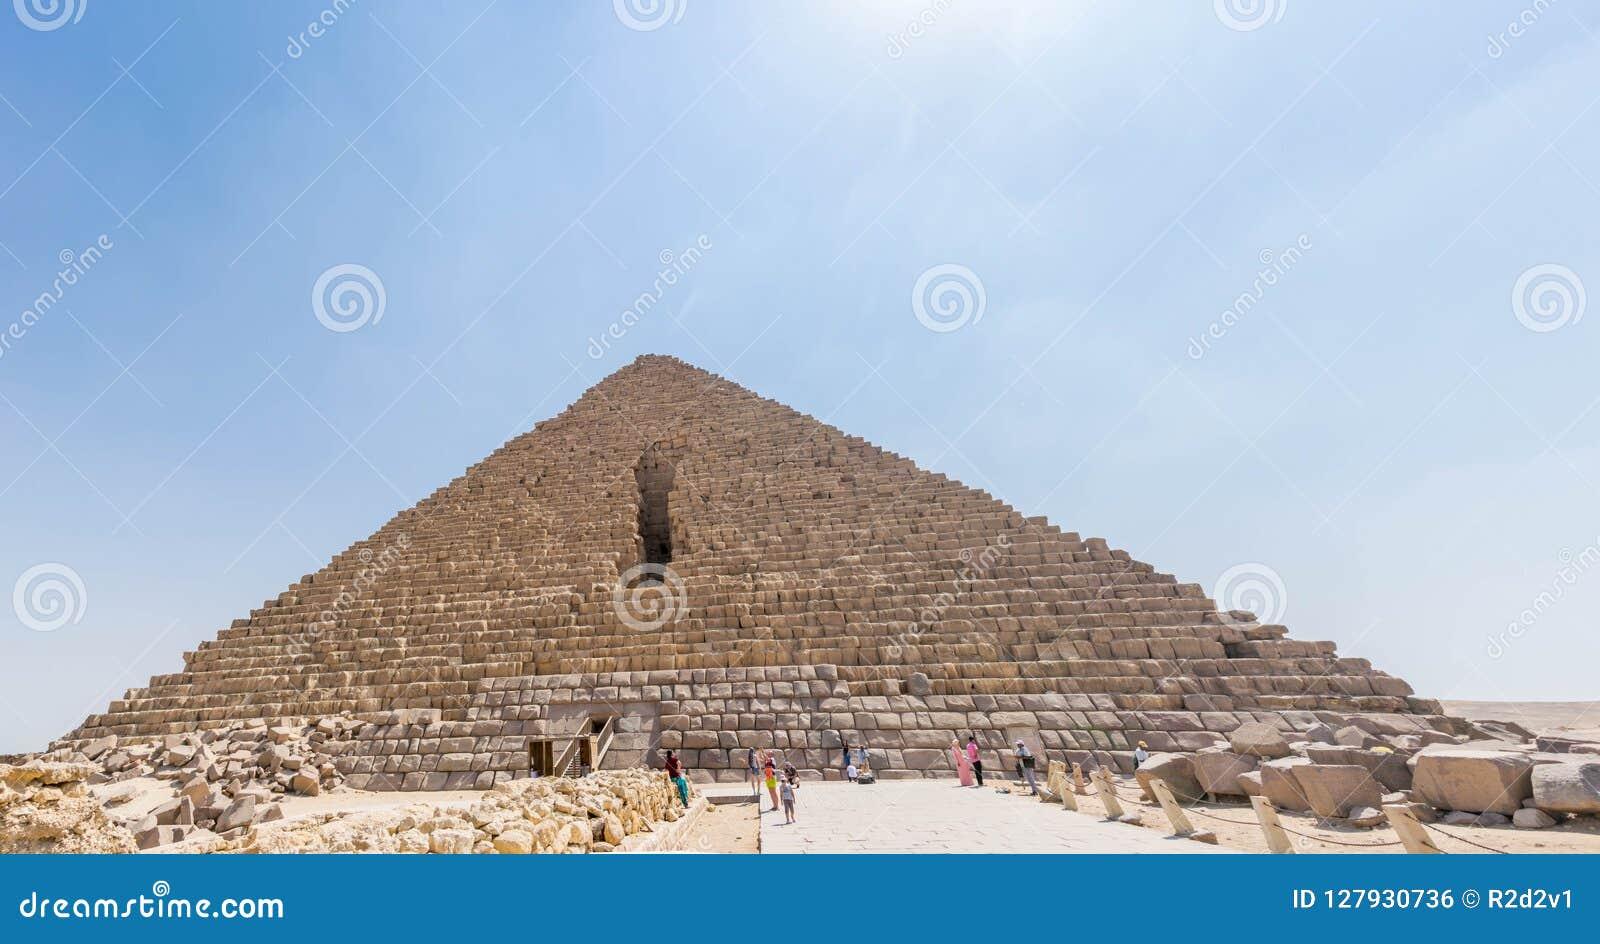 La pirámide de Menkaure en Egipto